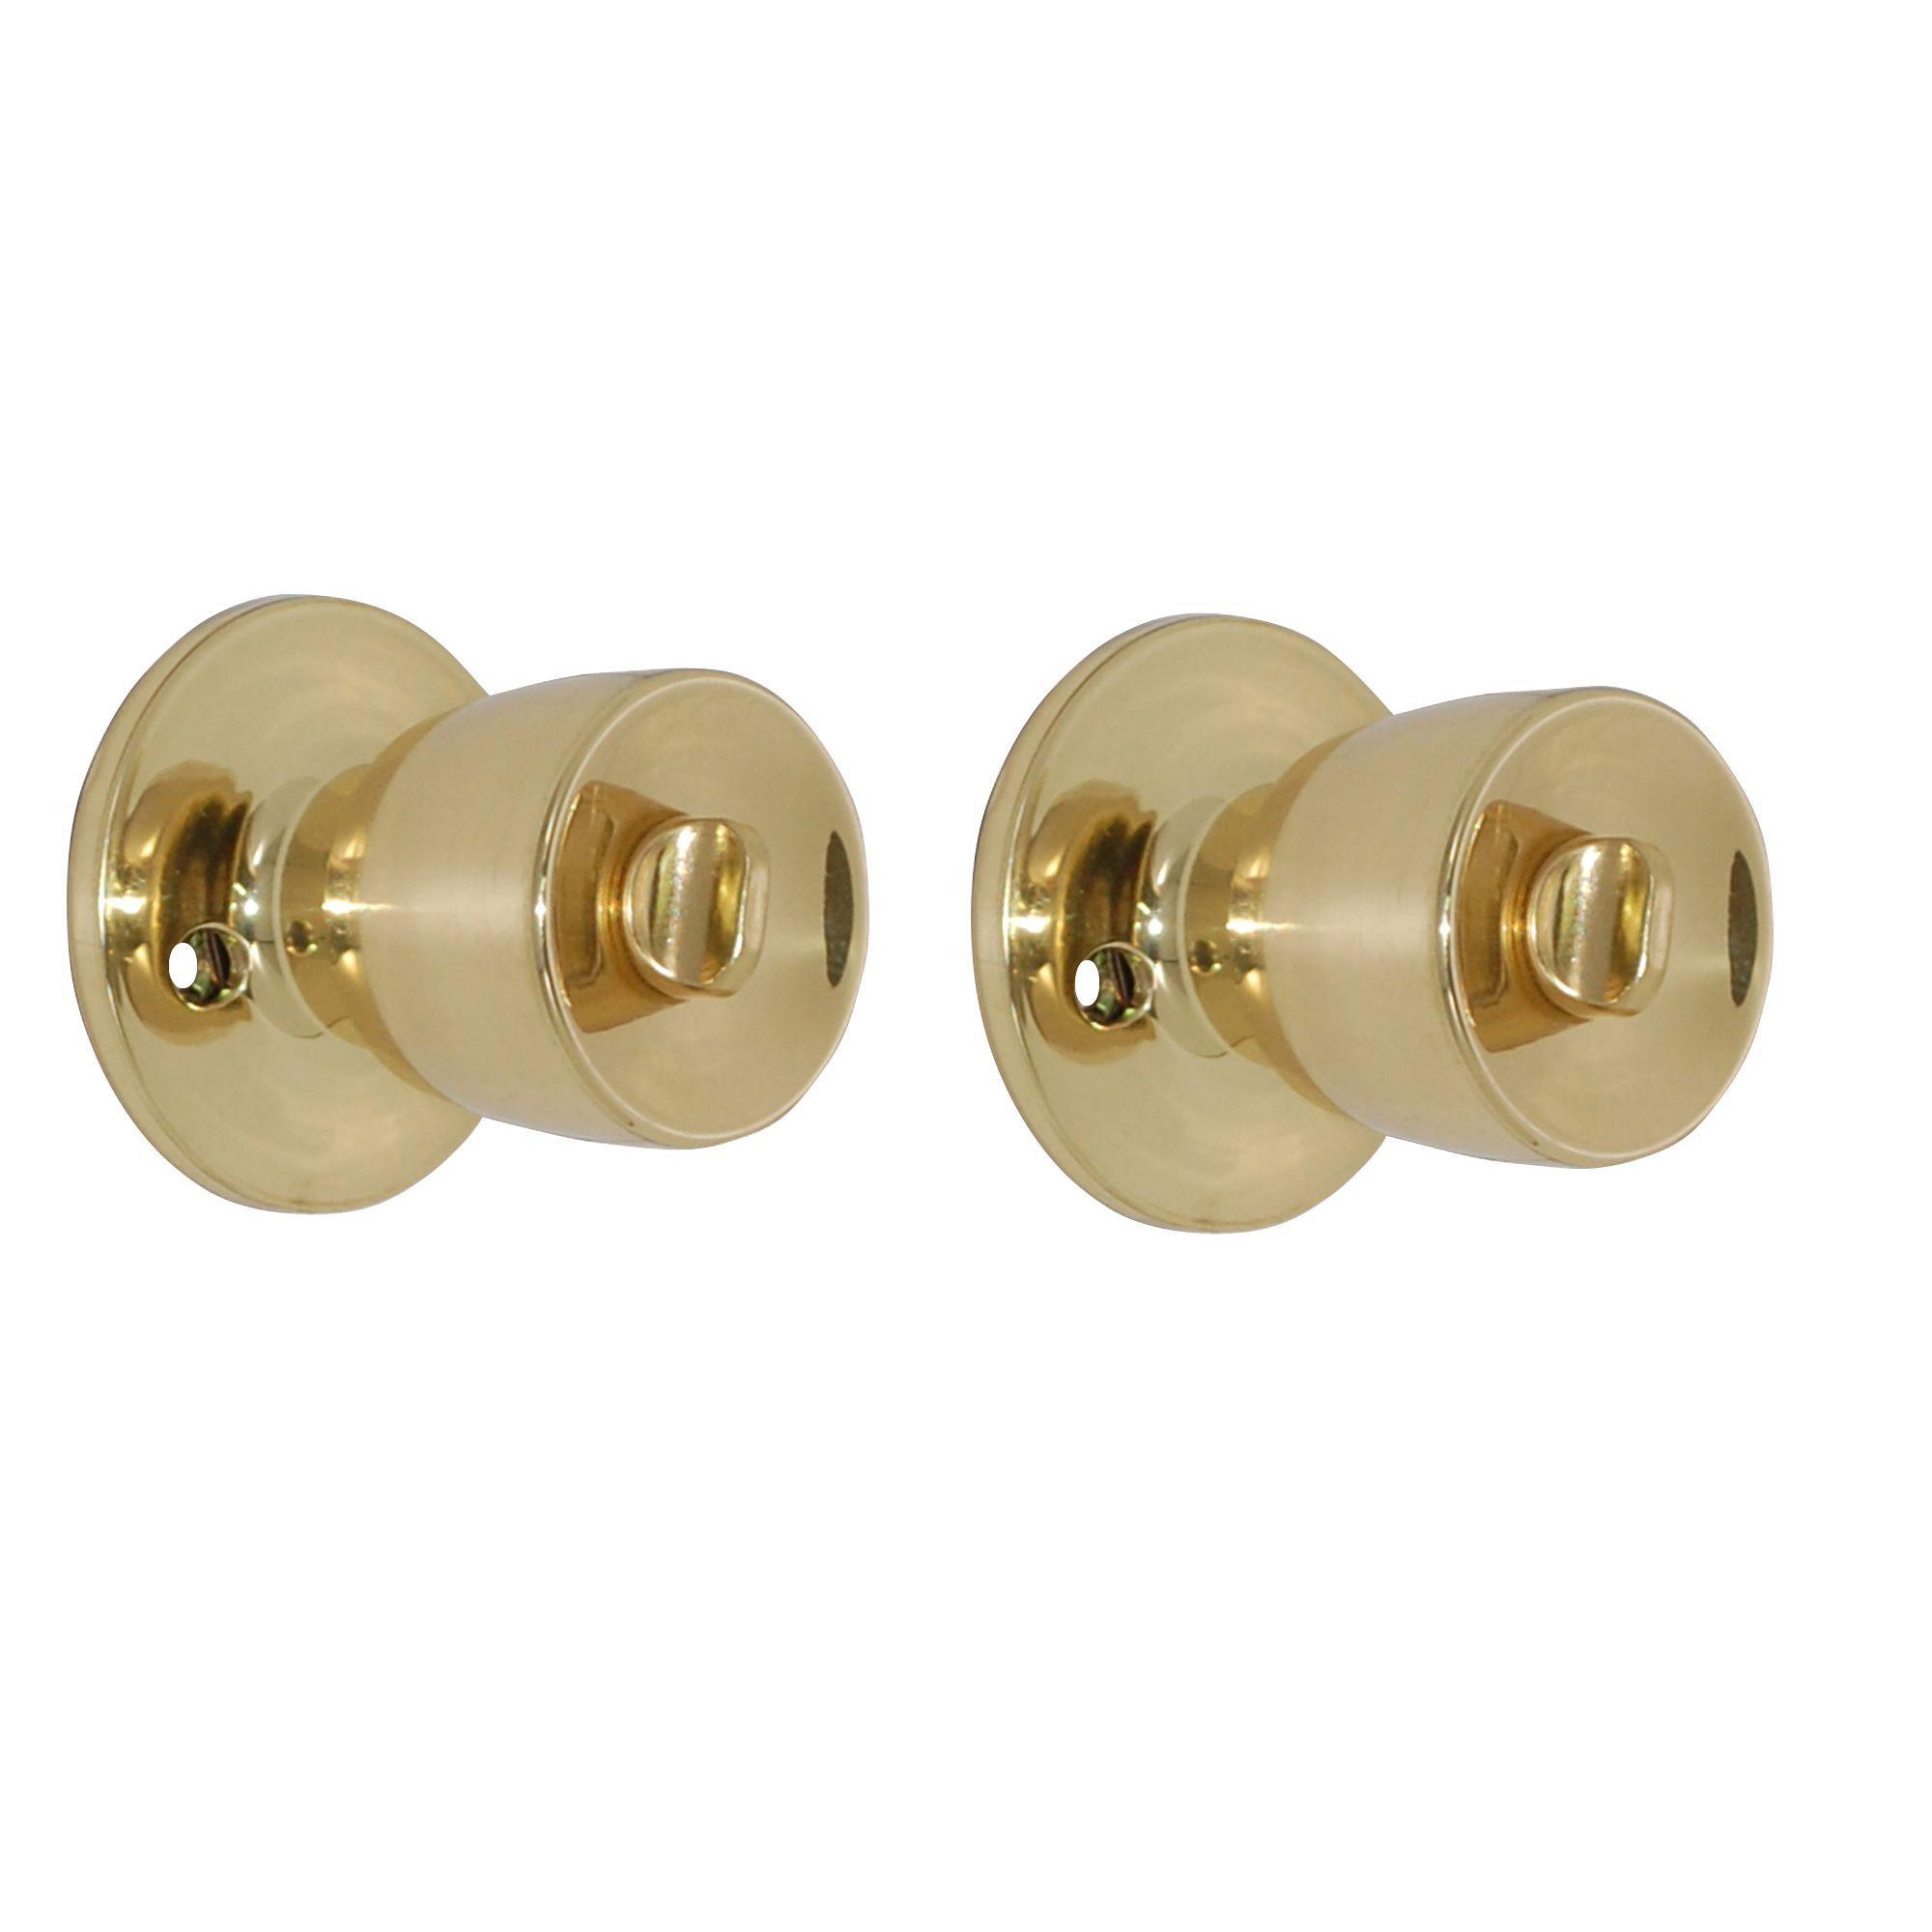 Polished Brass Effect Internal Round Lock Door Knob, 1 Set